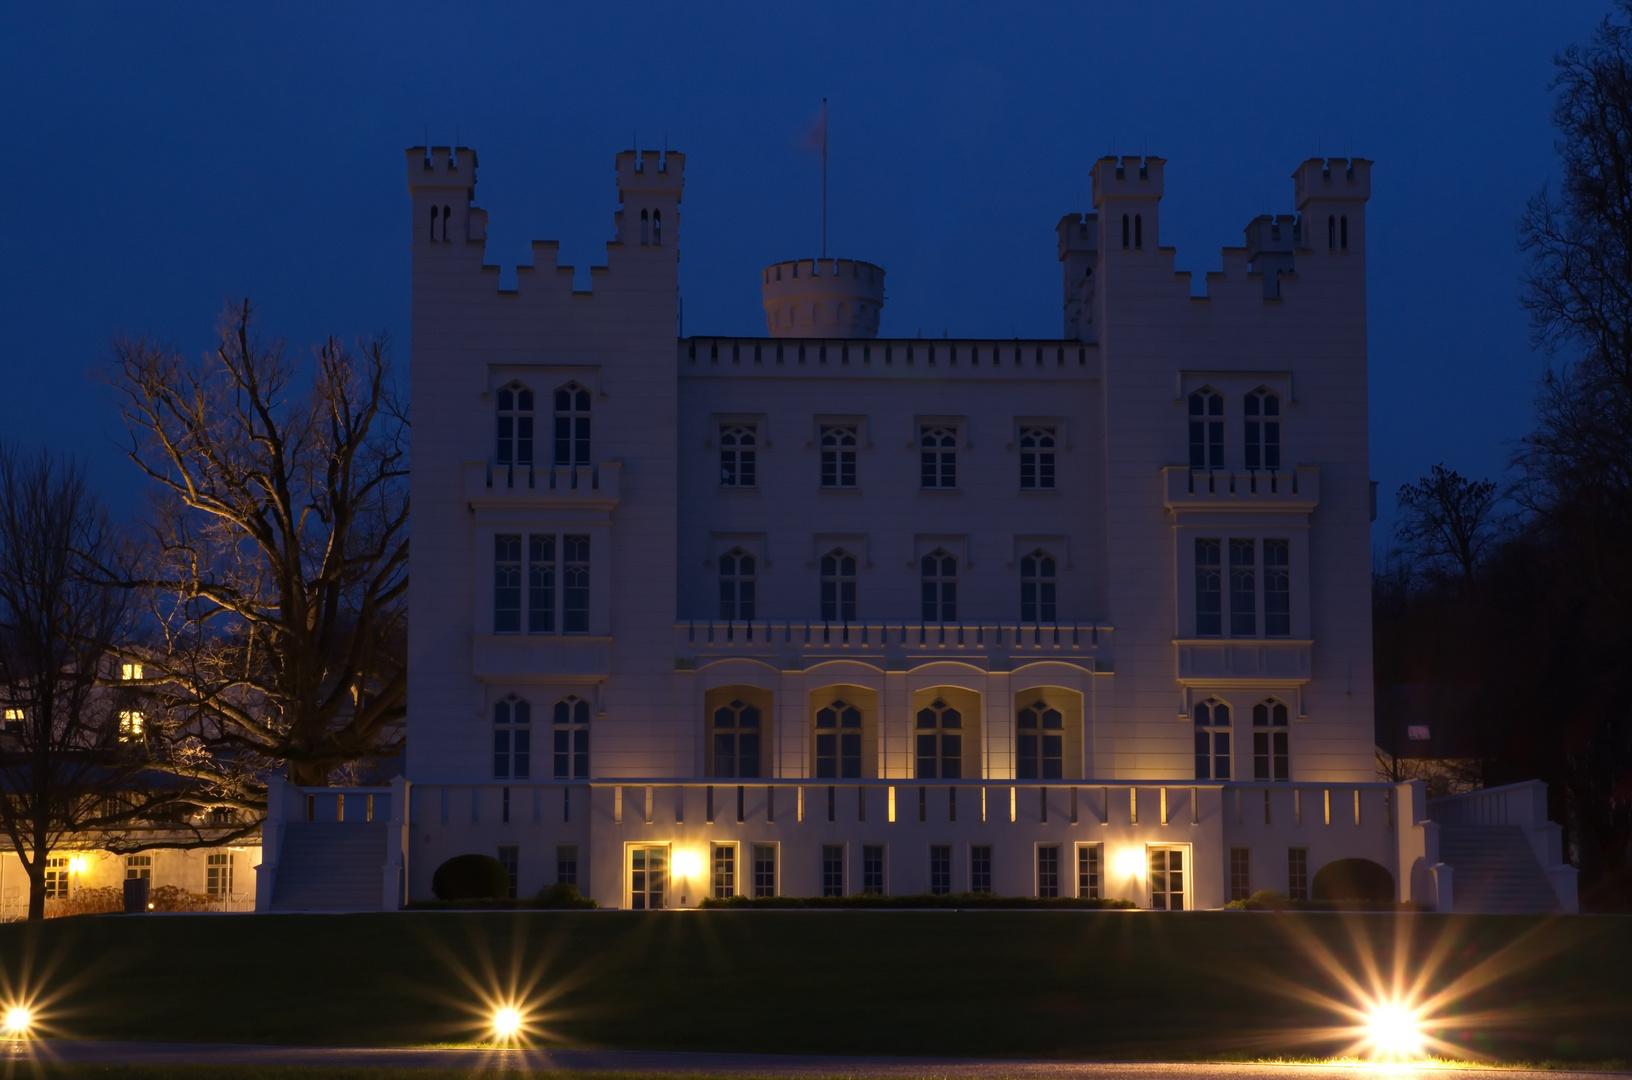 Das G8 Schloss